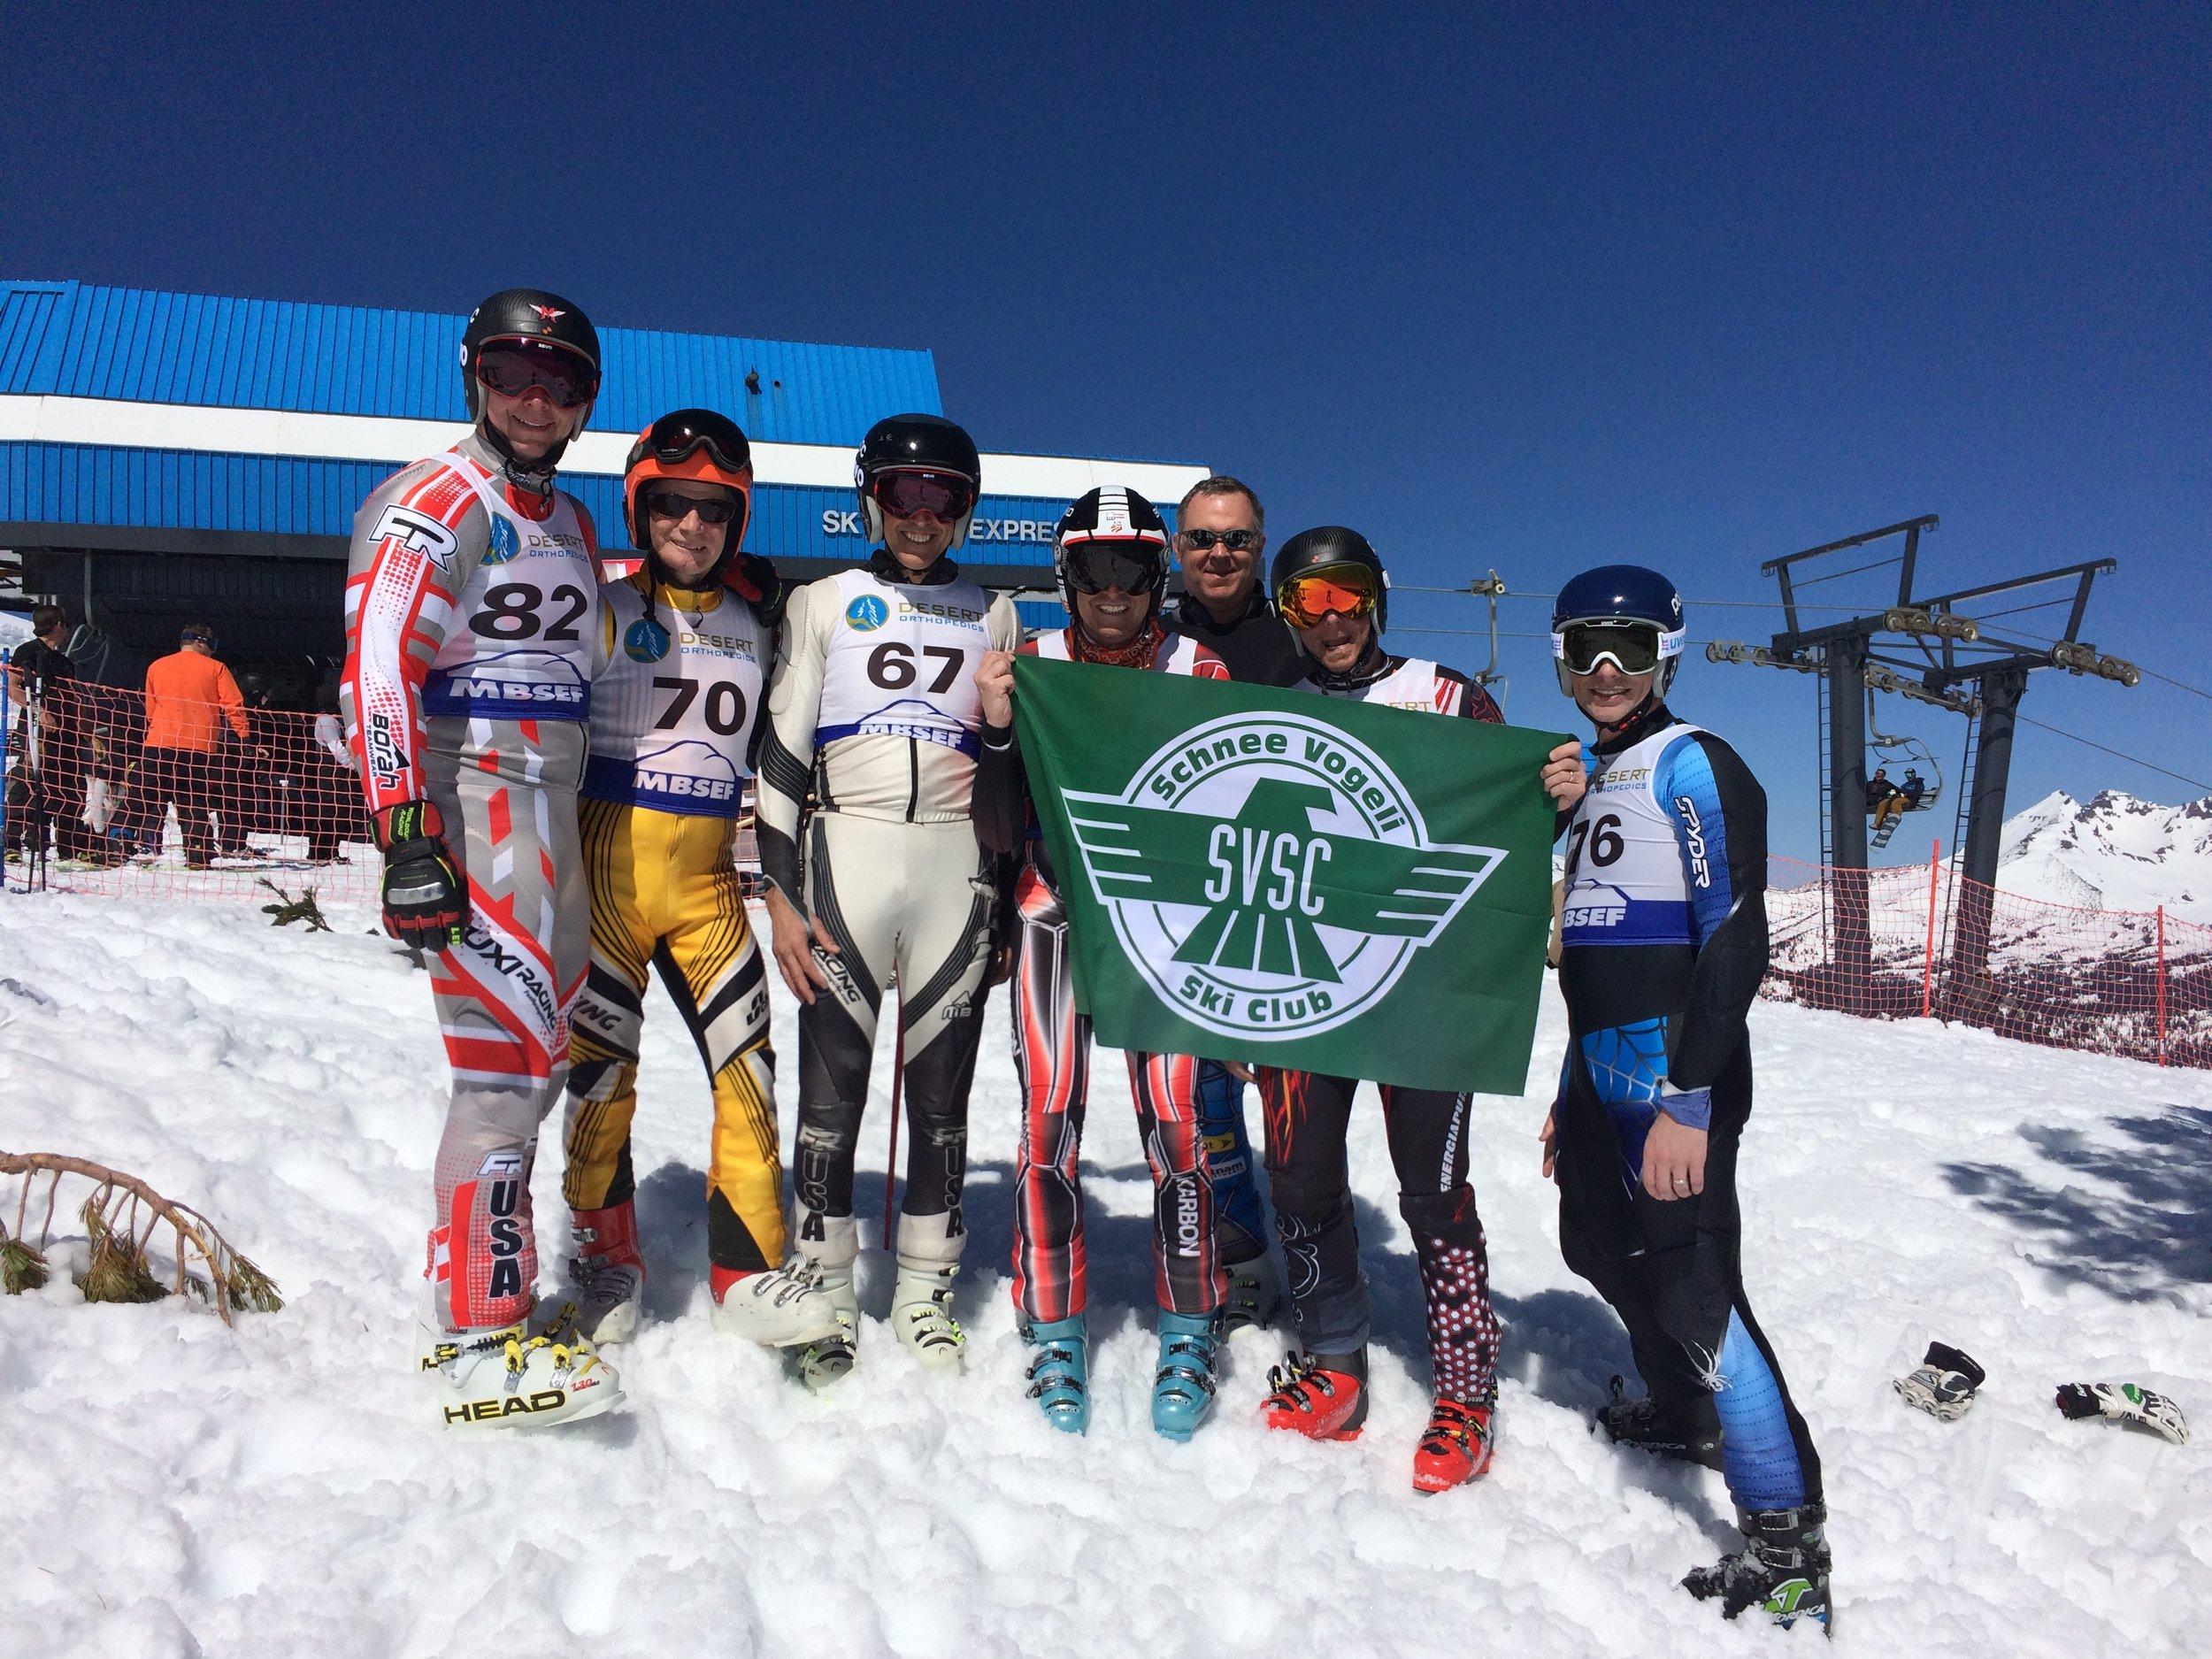 Schnee_Racers.jpg